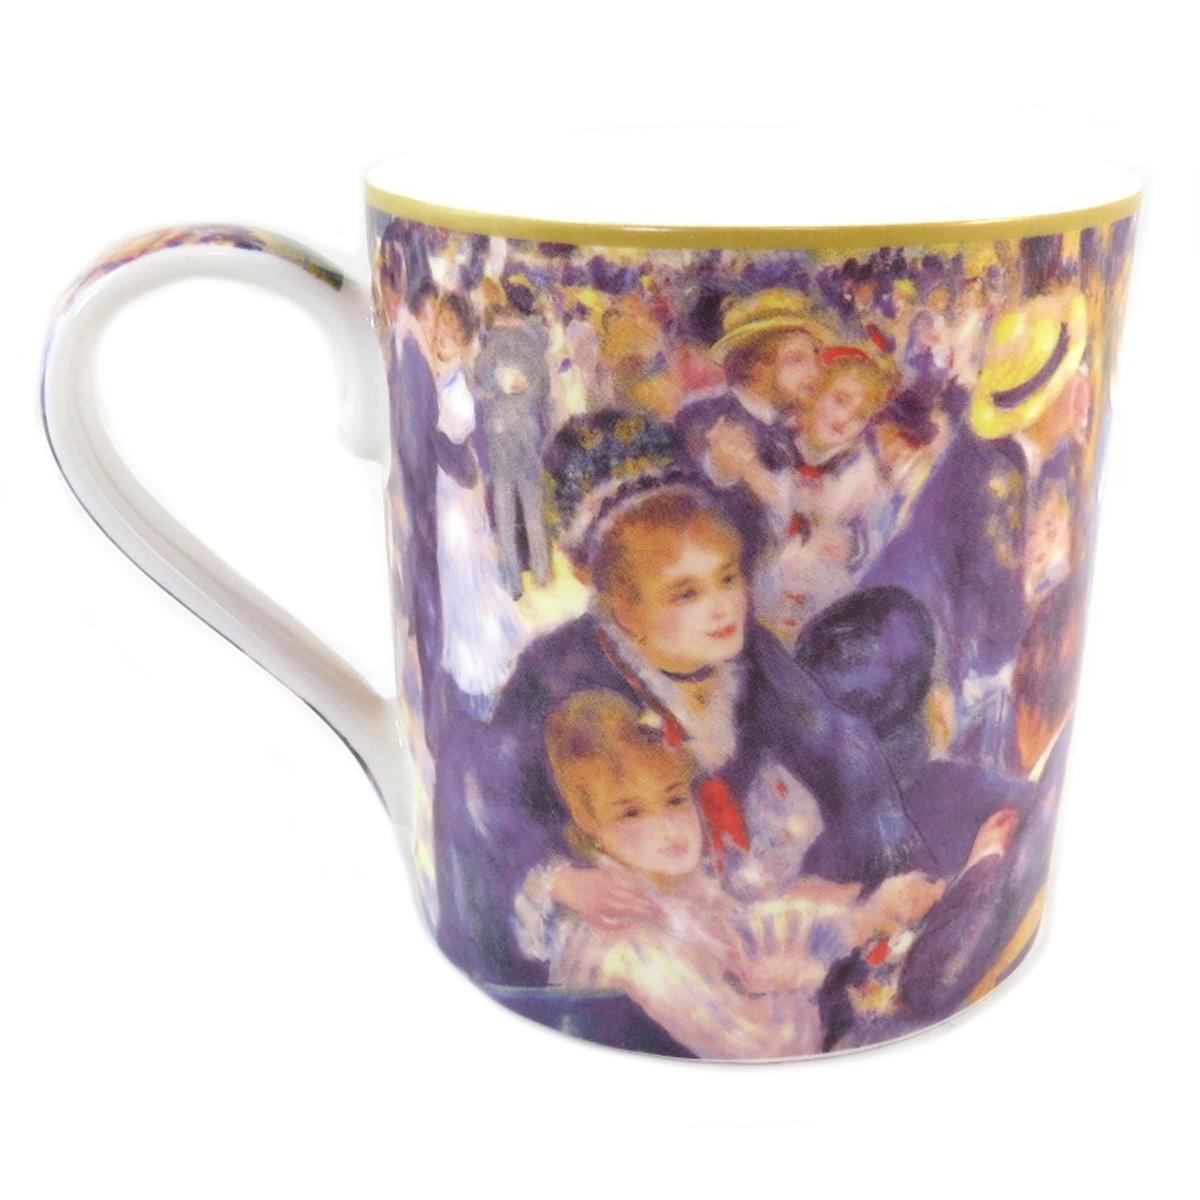 Mug porcelaine \'Auguste Renoir\' (Bal du moulin de la galette) - 12x9 cm (38 l) - [Q0218]